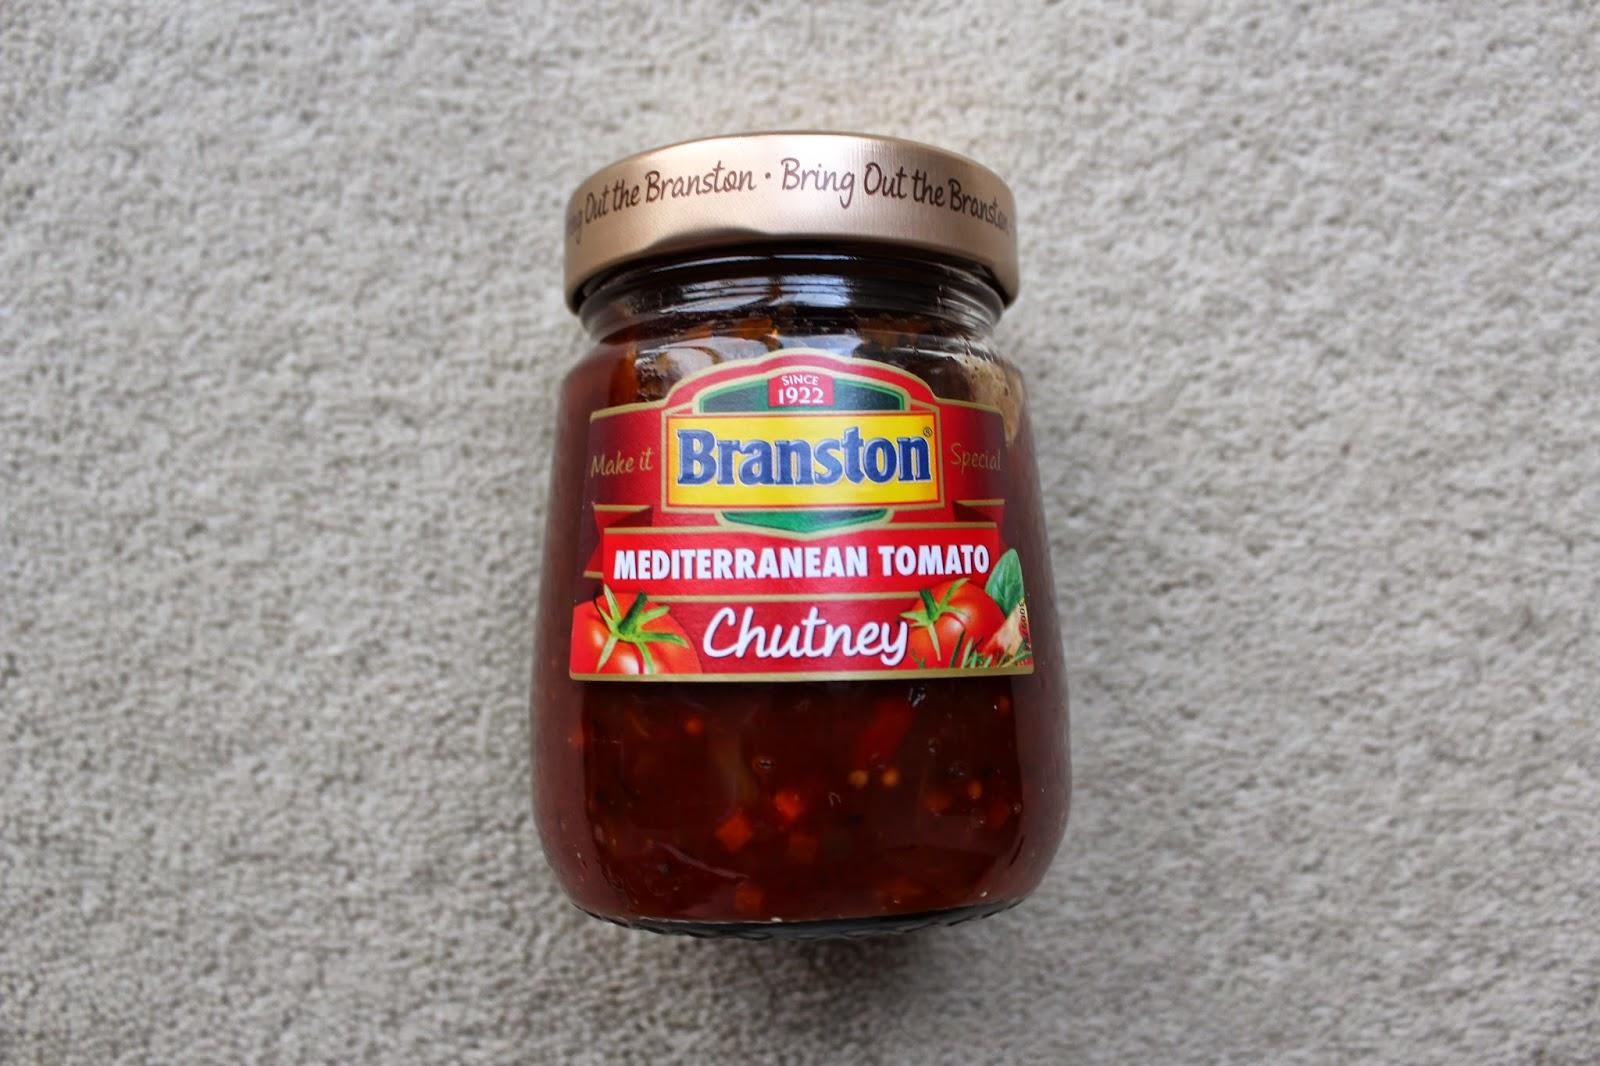 Branston-chutney